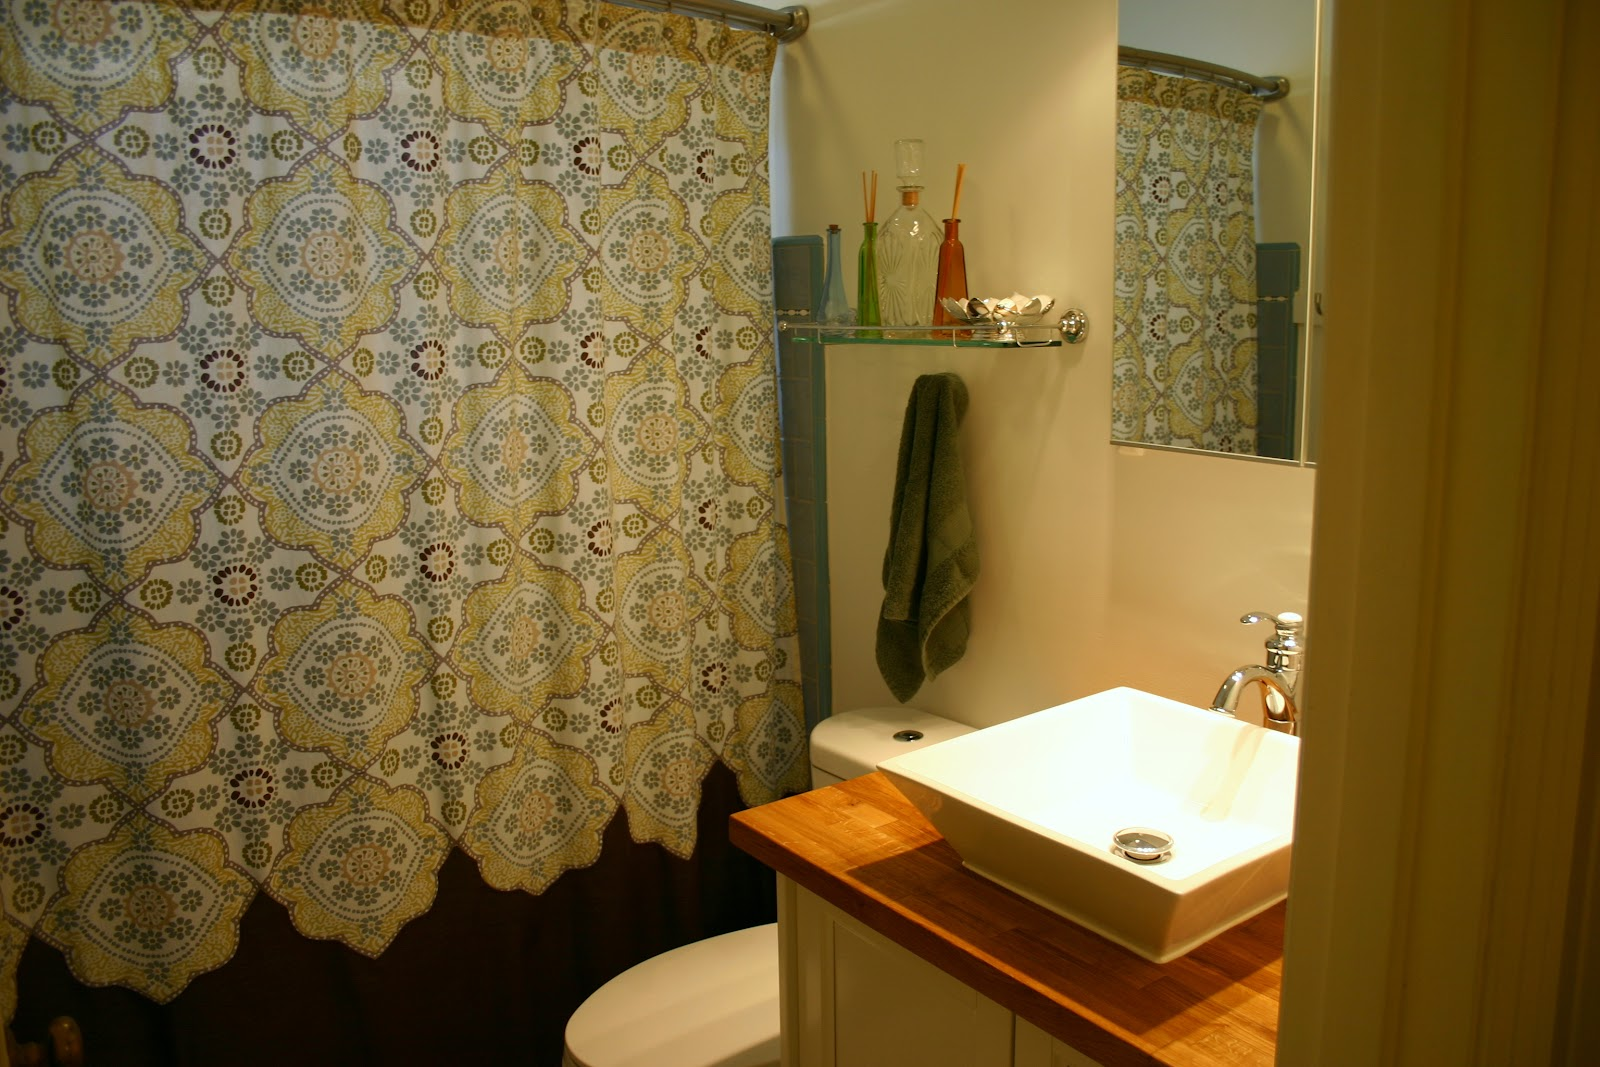 over do it yourself bathroom renovation. Black Bedroom Furniture Sets. Home Design Ideas